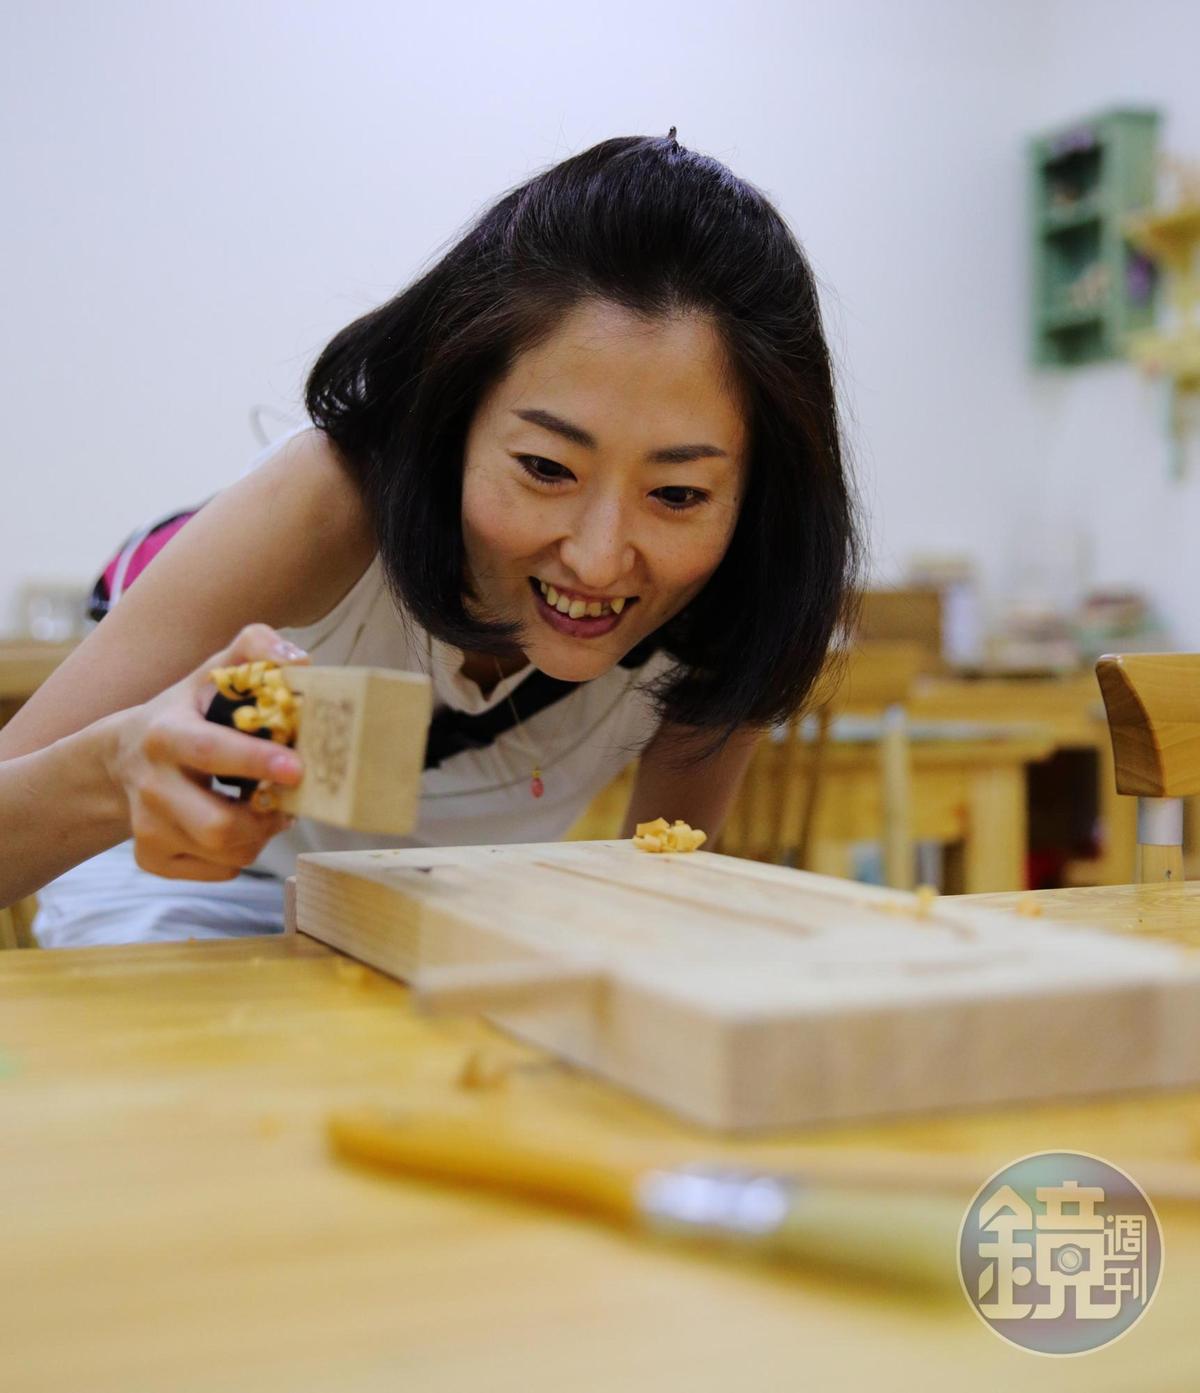 在觀光工廠能體驗手做檜木筷子,削出來的檜木削,香氣布滿整間教室。(250元/人)